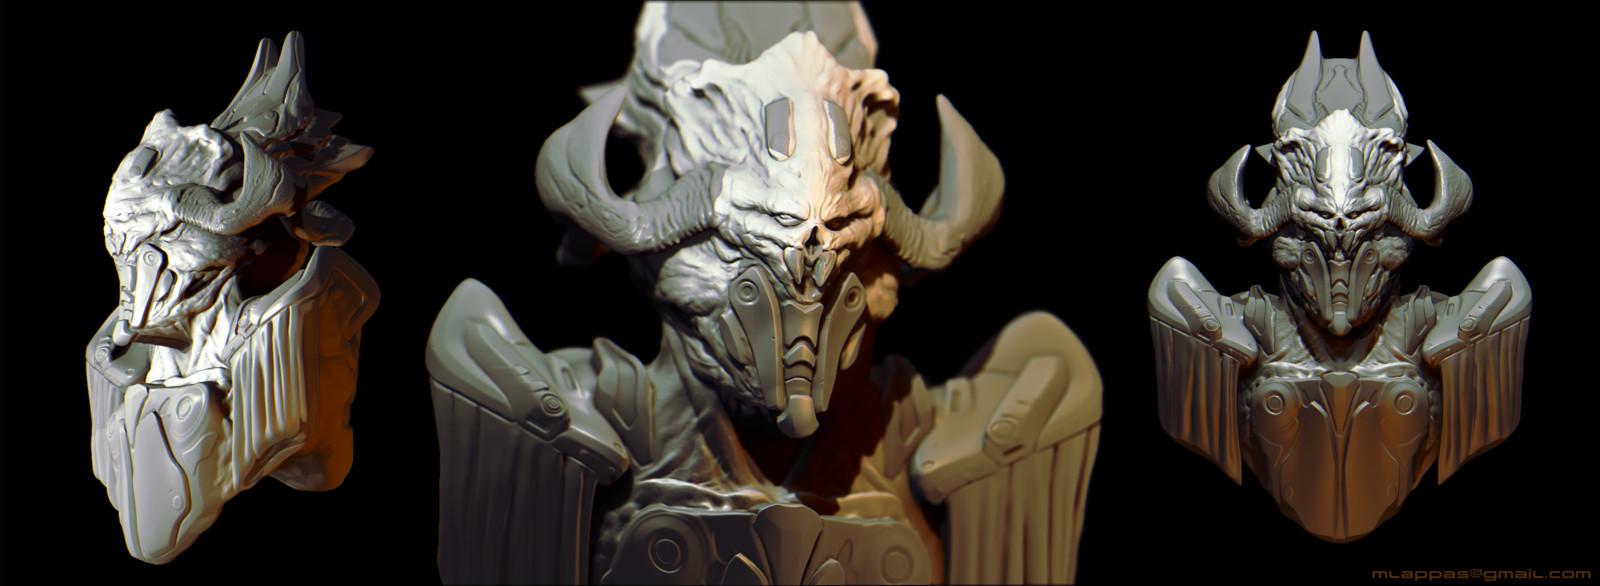 Alien Commander 3D concept